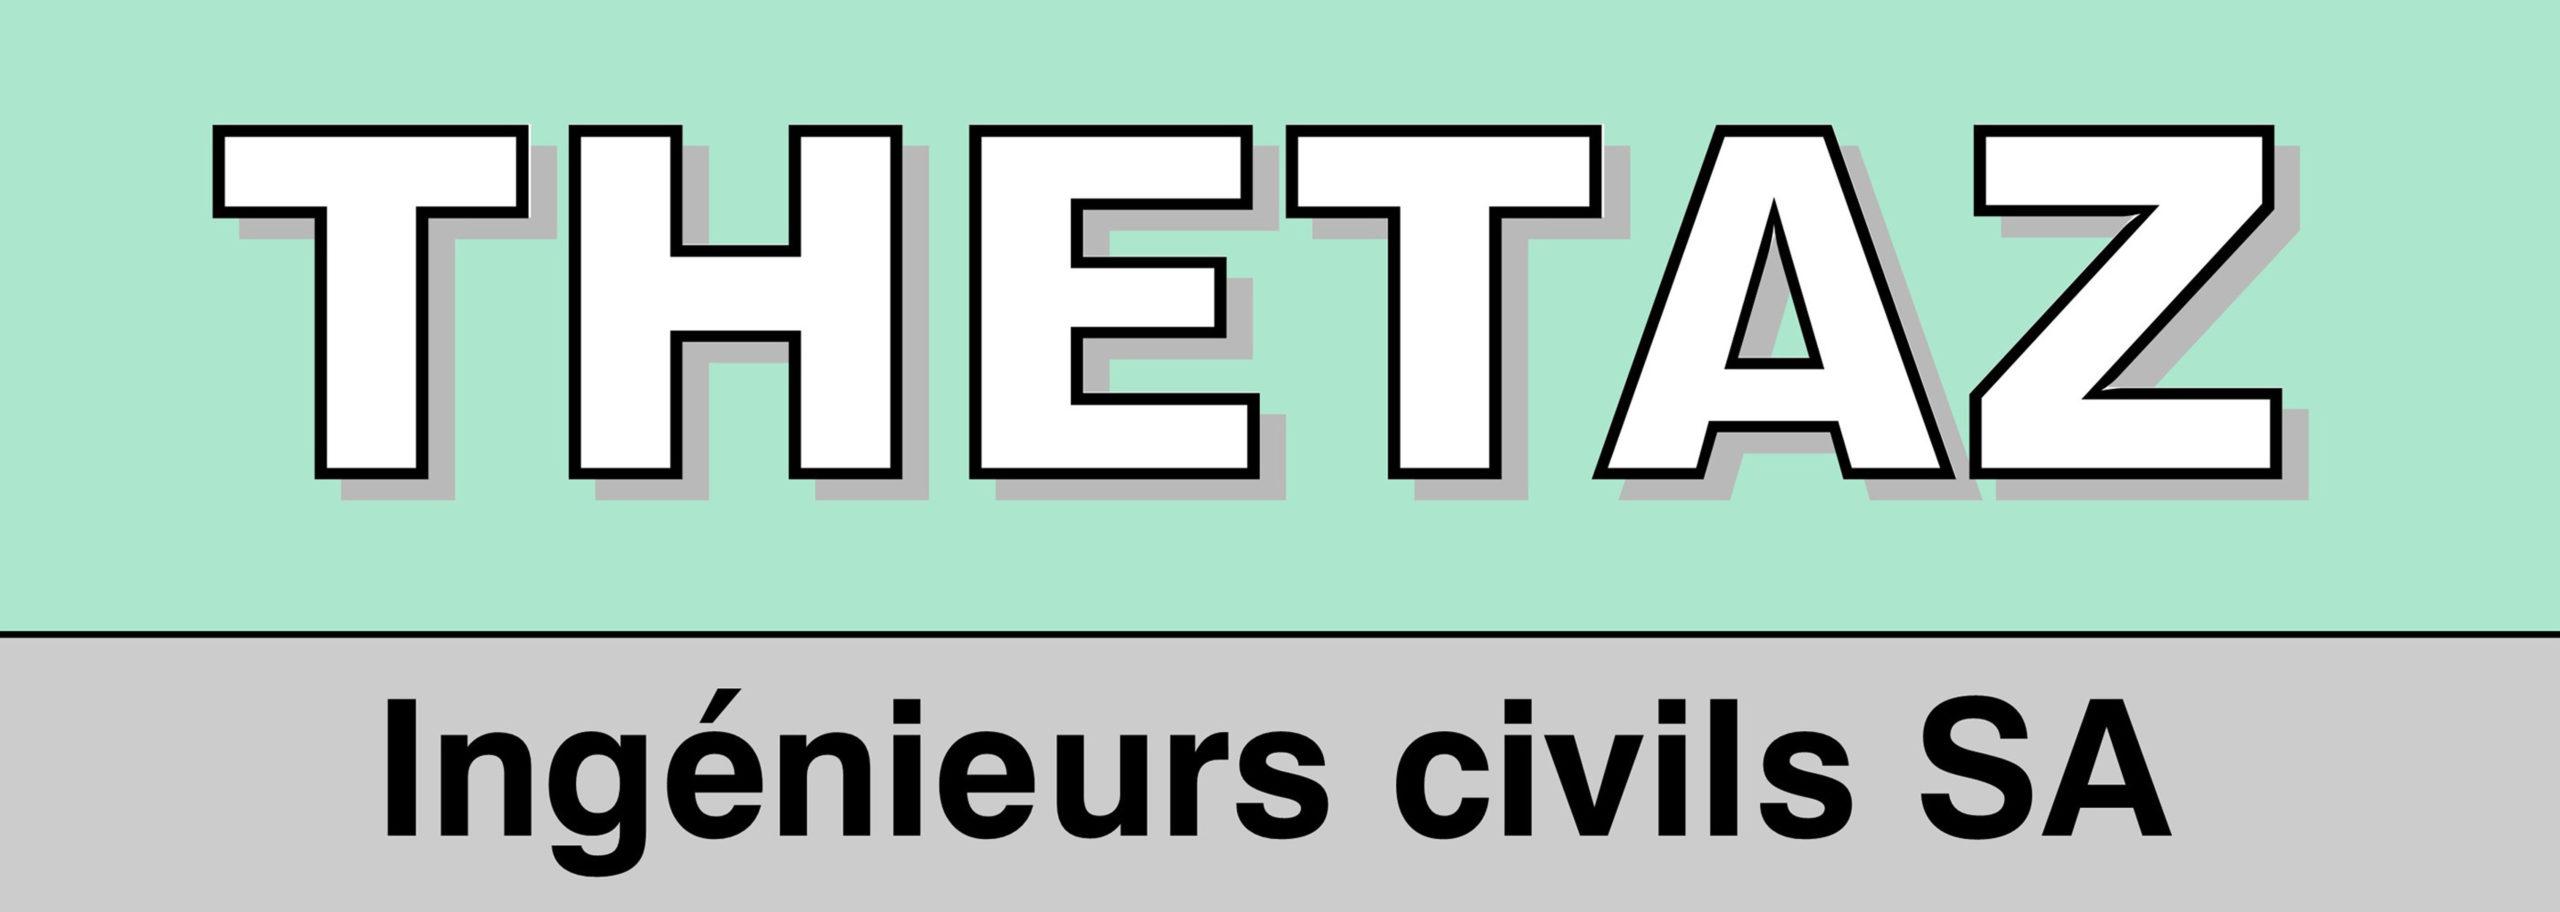 Thétaz Ingénieurs Civils SA